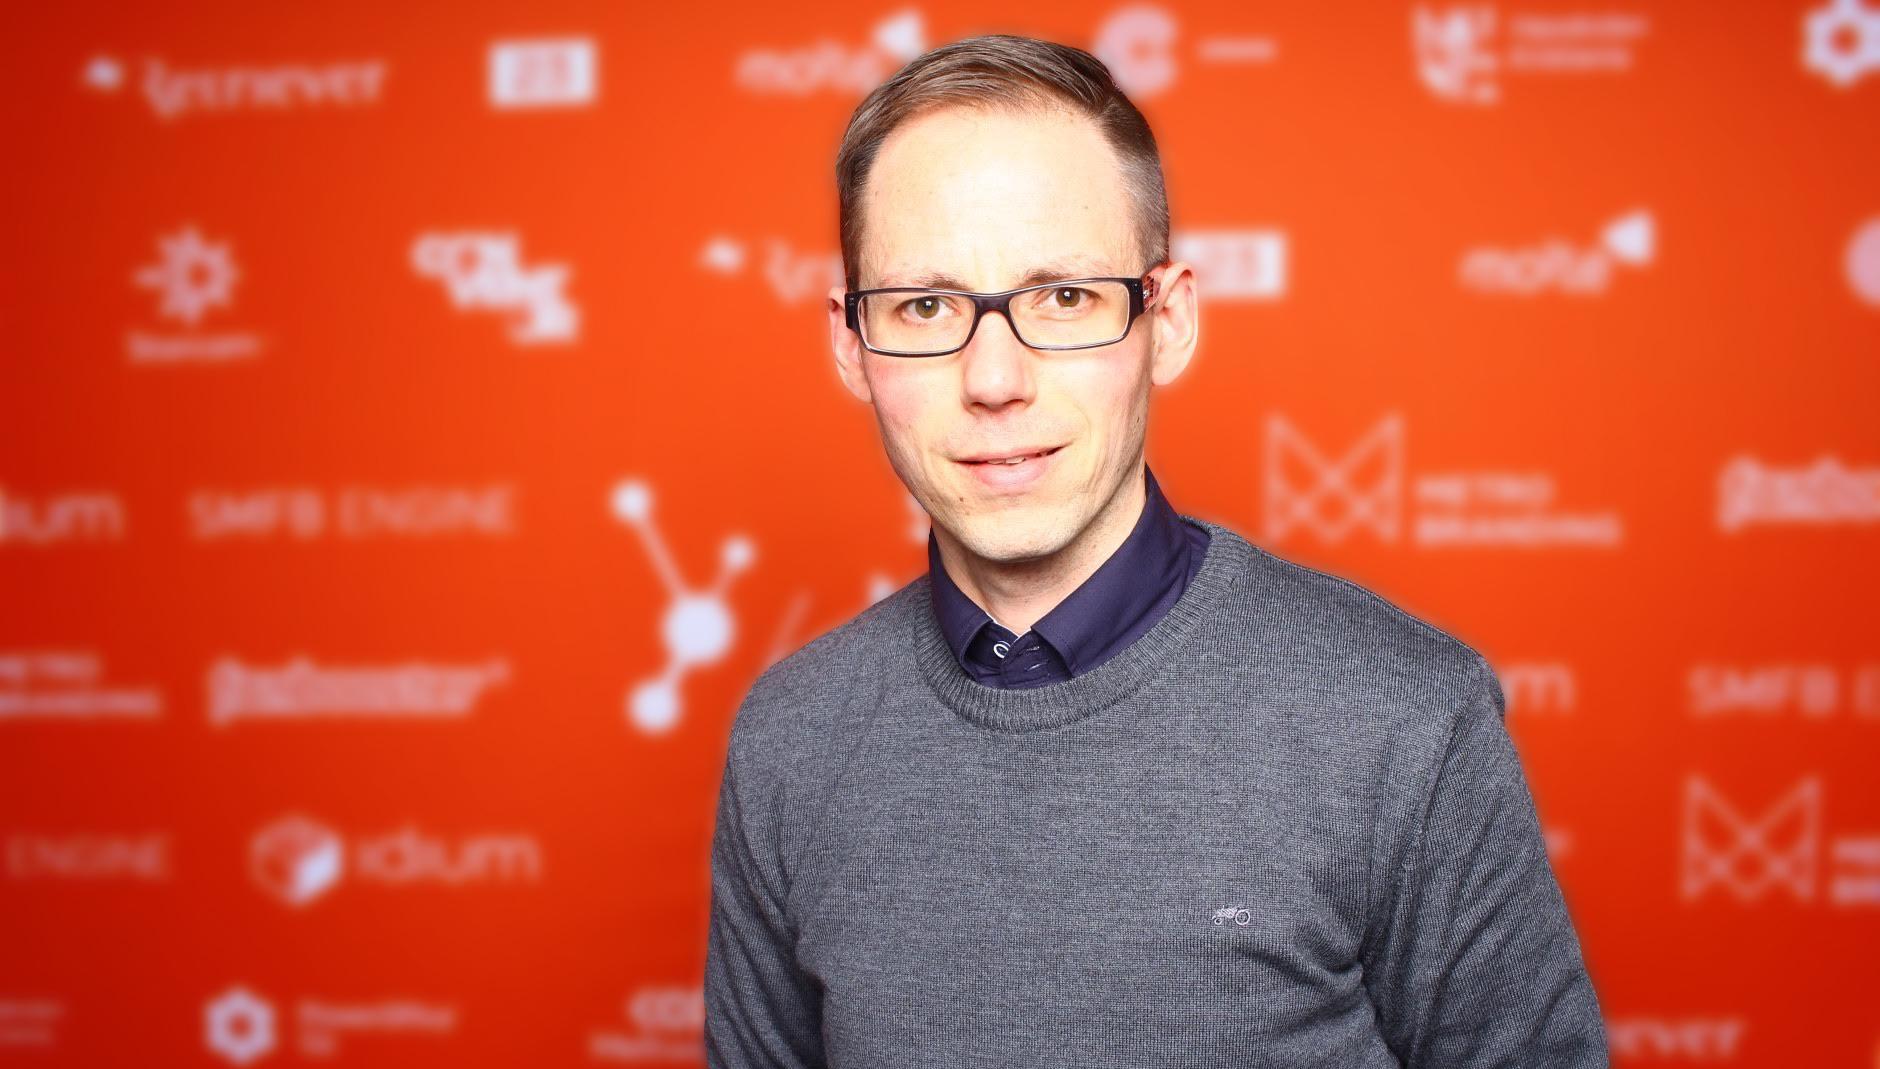 Kjetil Fyllingen - Bilde